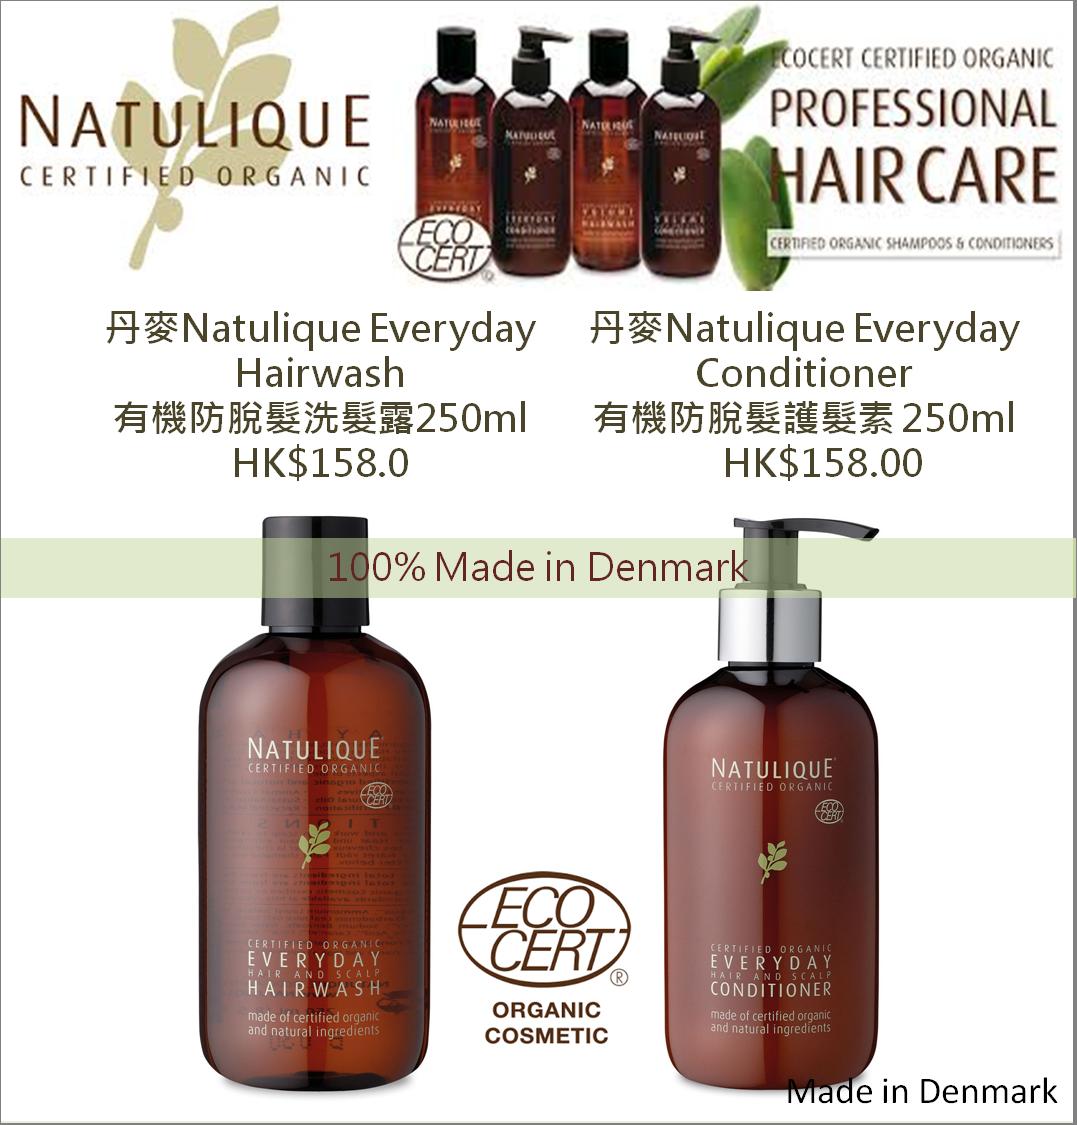 6折丹麥製造NATULIQUE有機防脫髮護髮產品